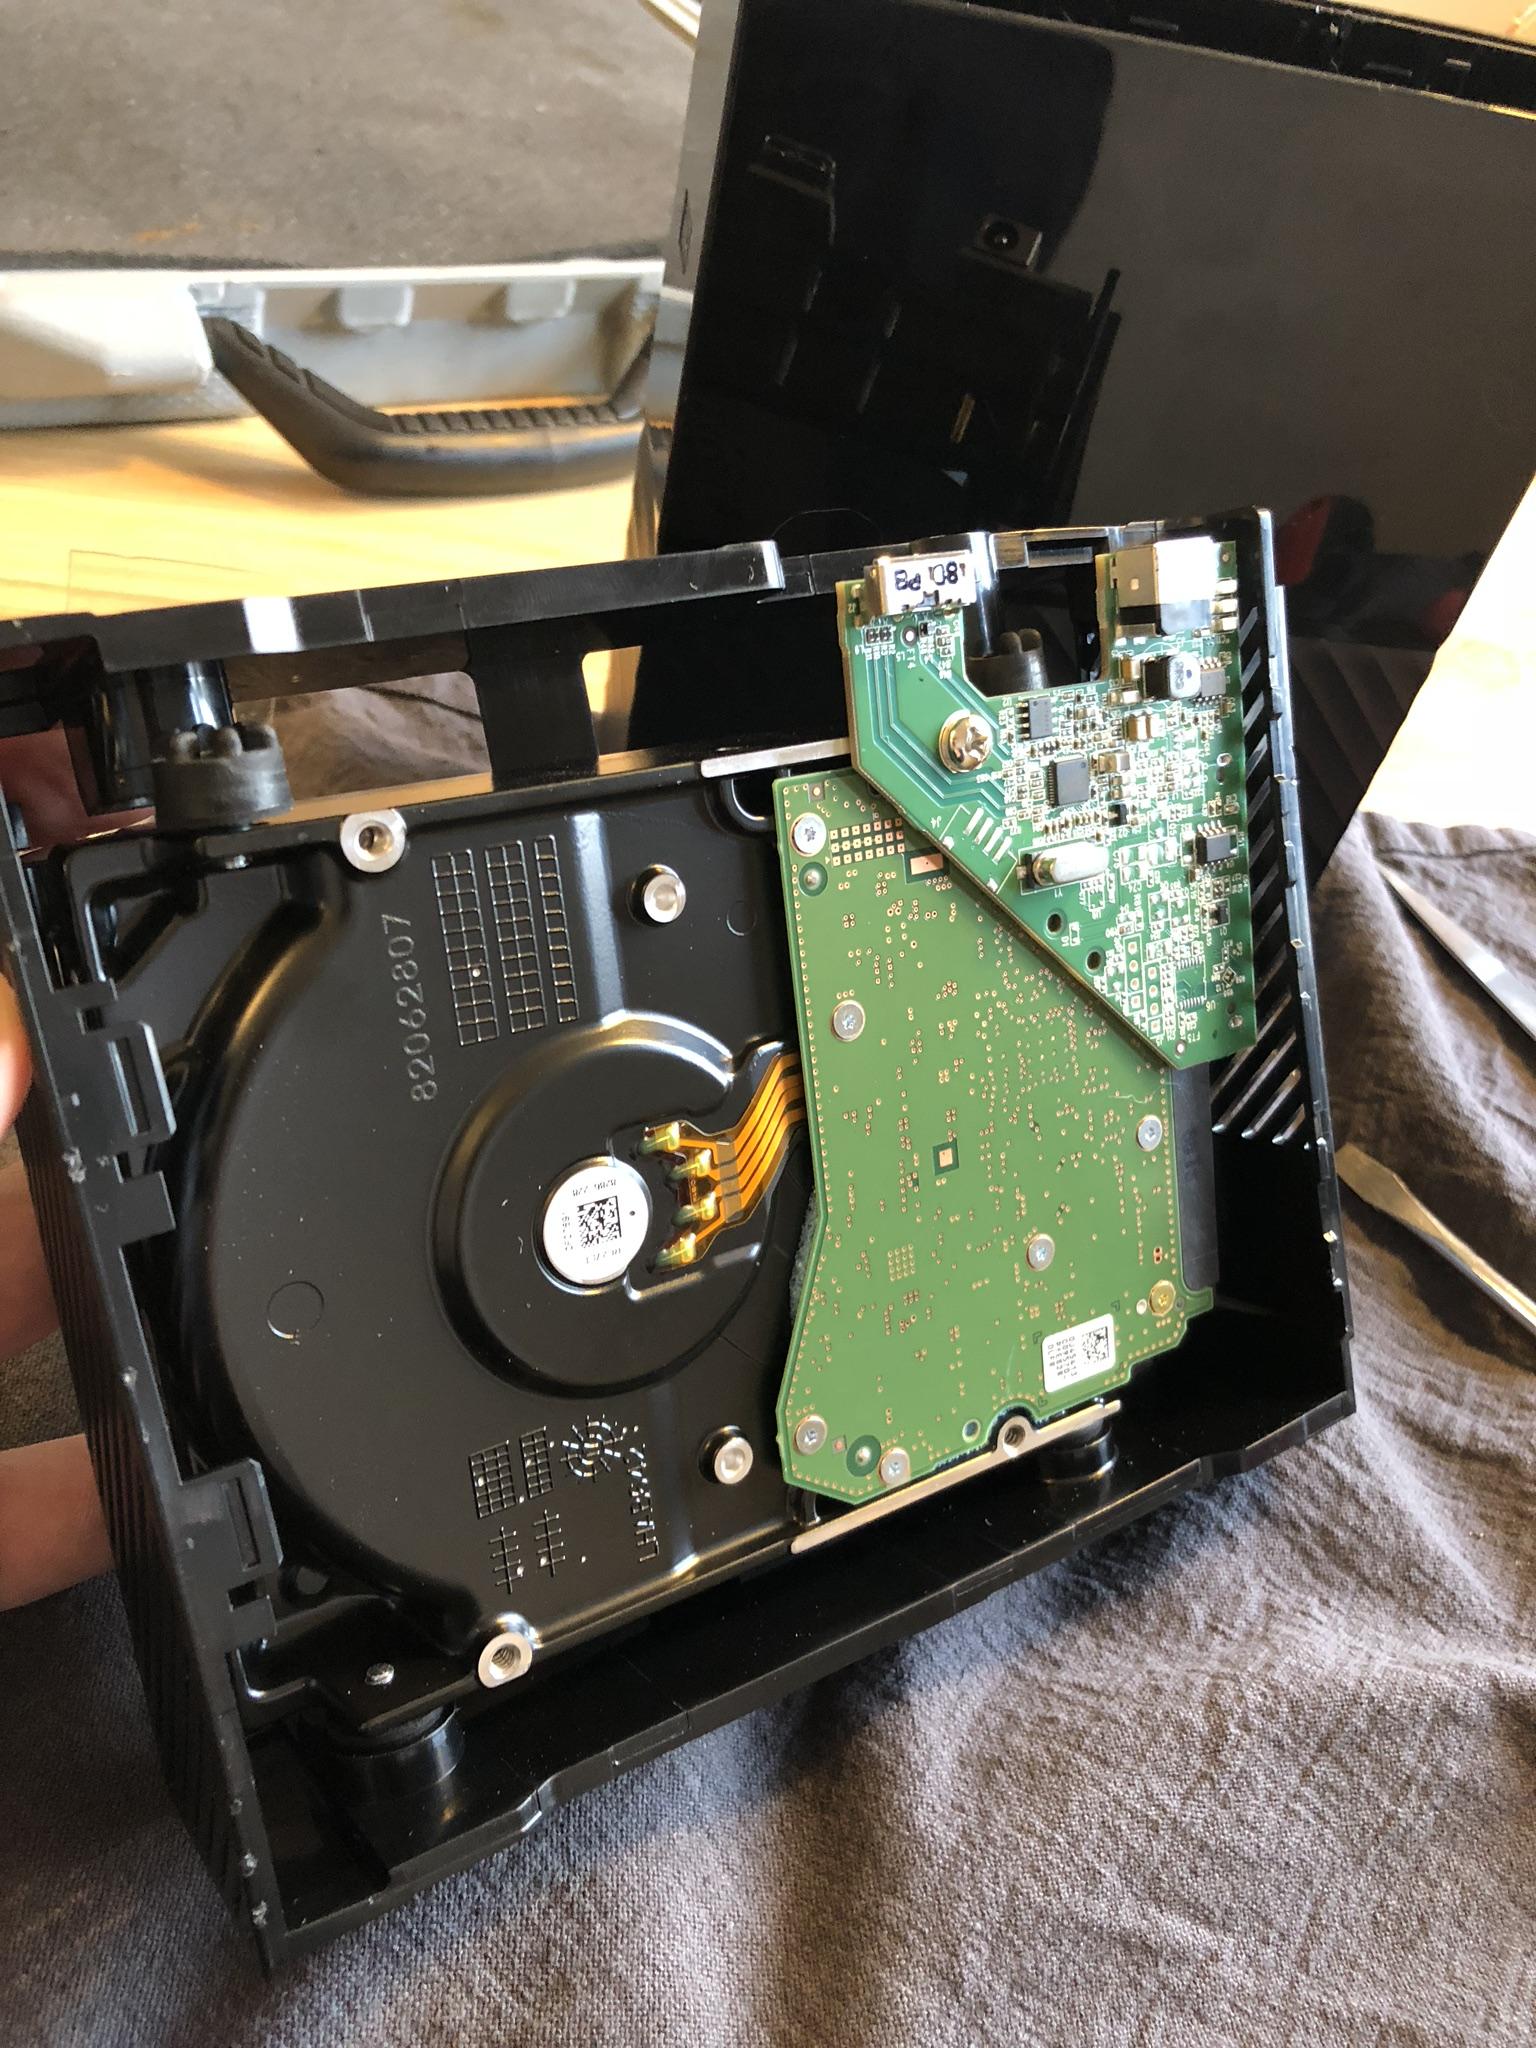 Shucking Western Digital My Book 8 TB WDBBGB0080HBK-EESN